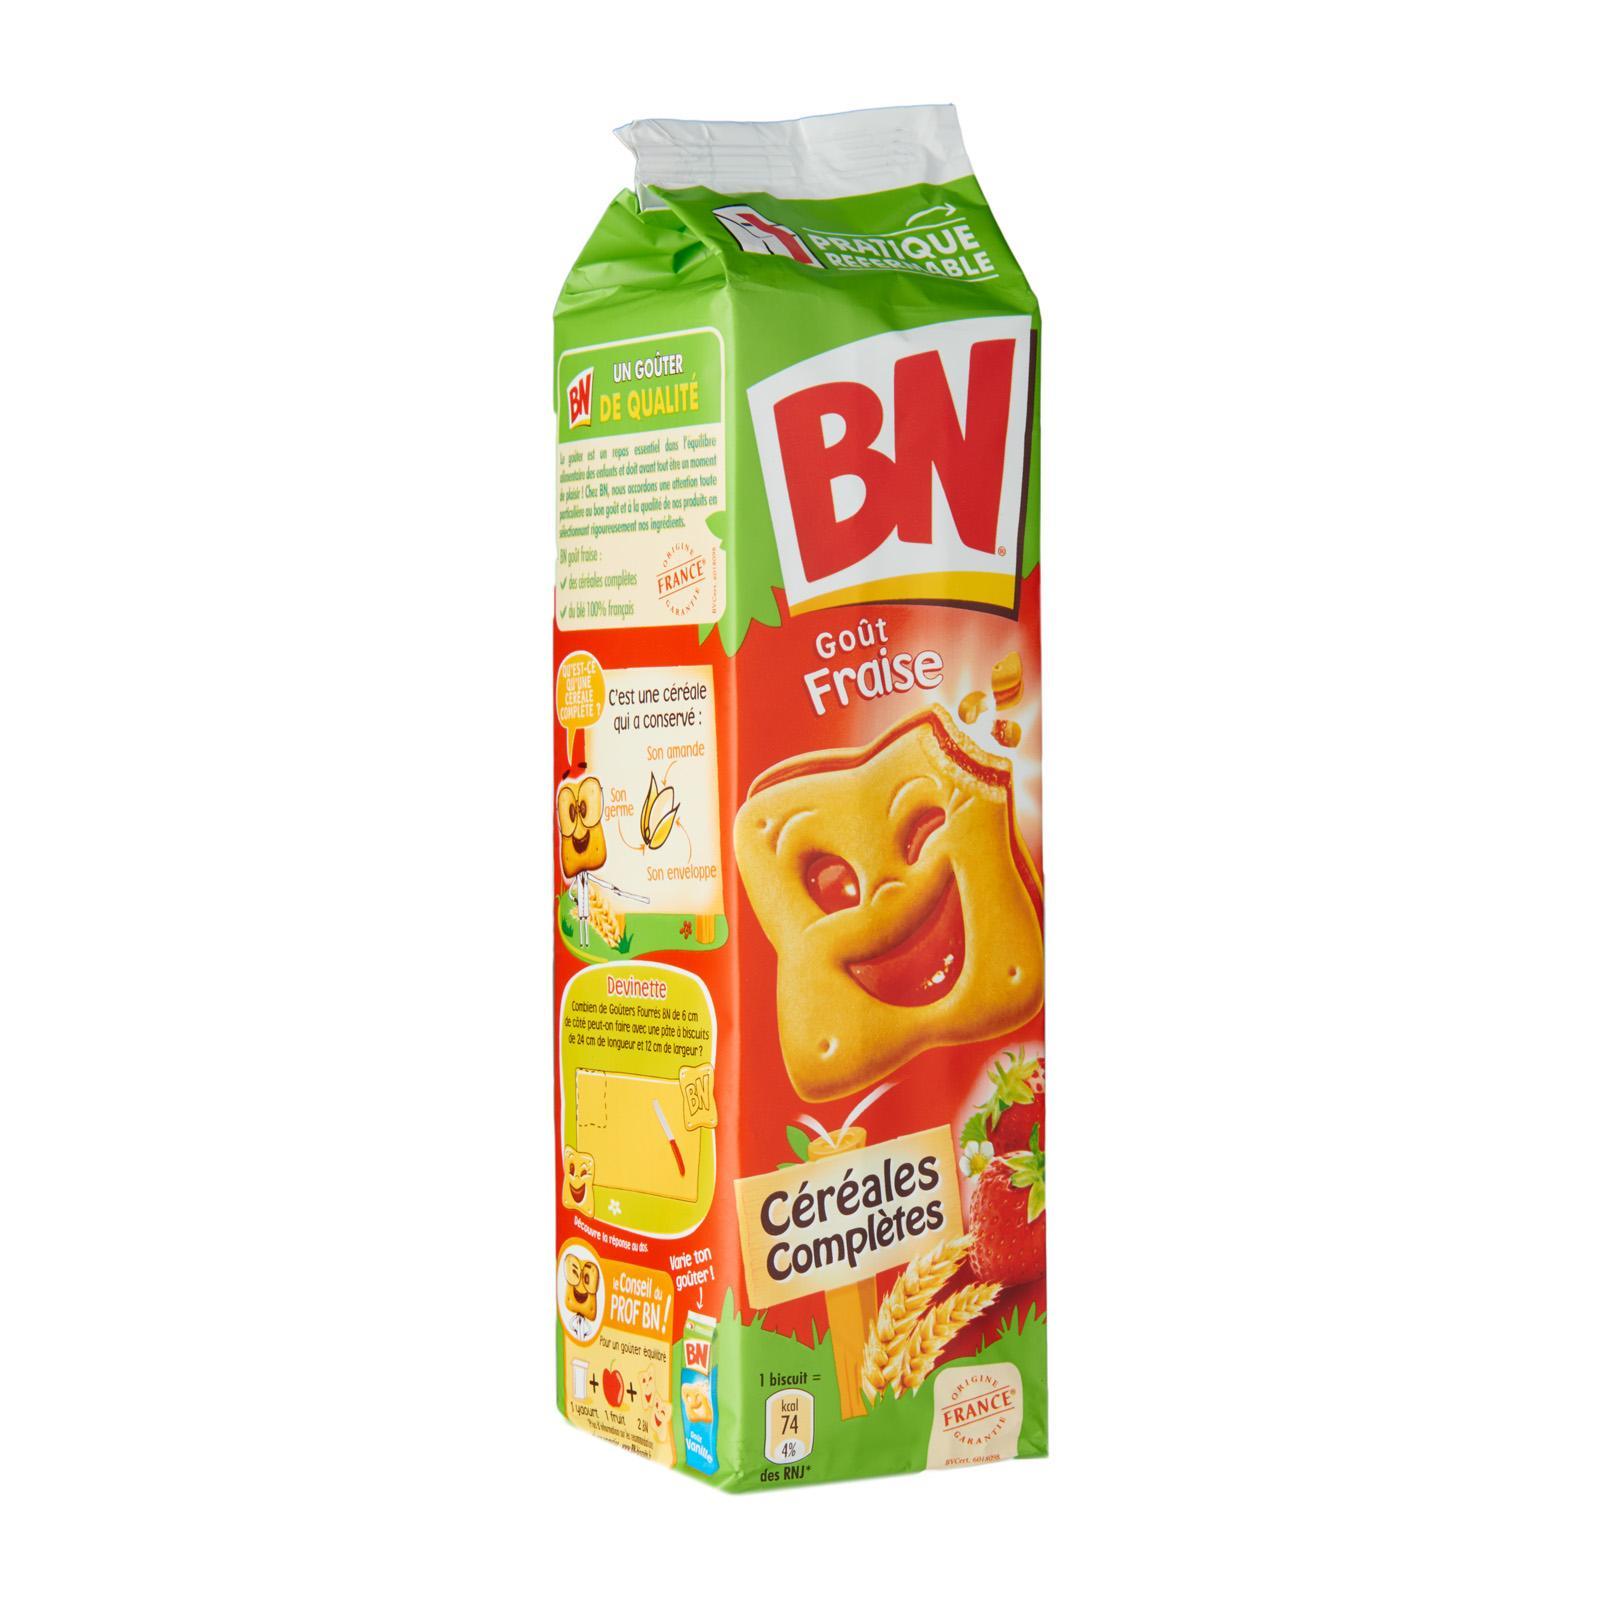 BN Strawberry Flavour Sandwich Biscuits